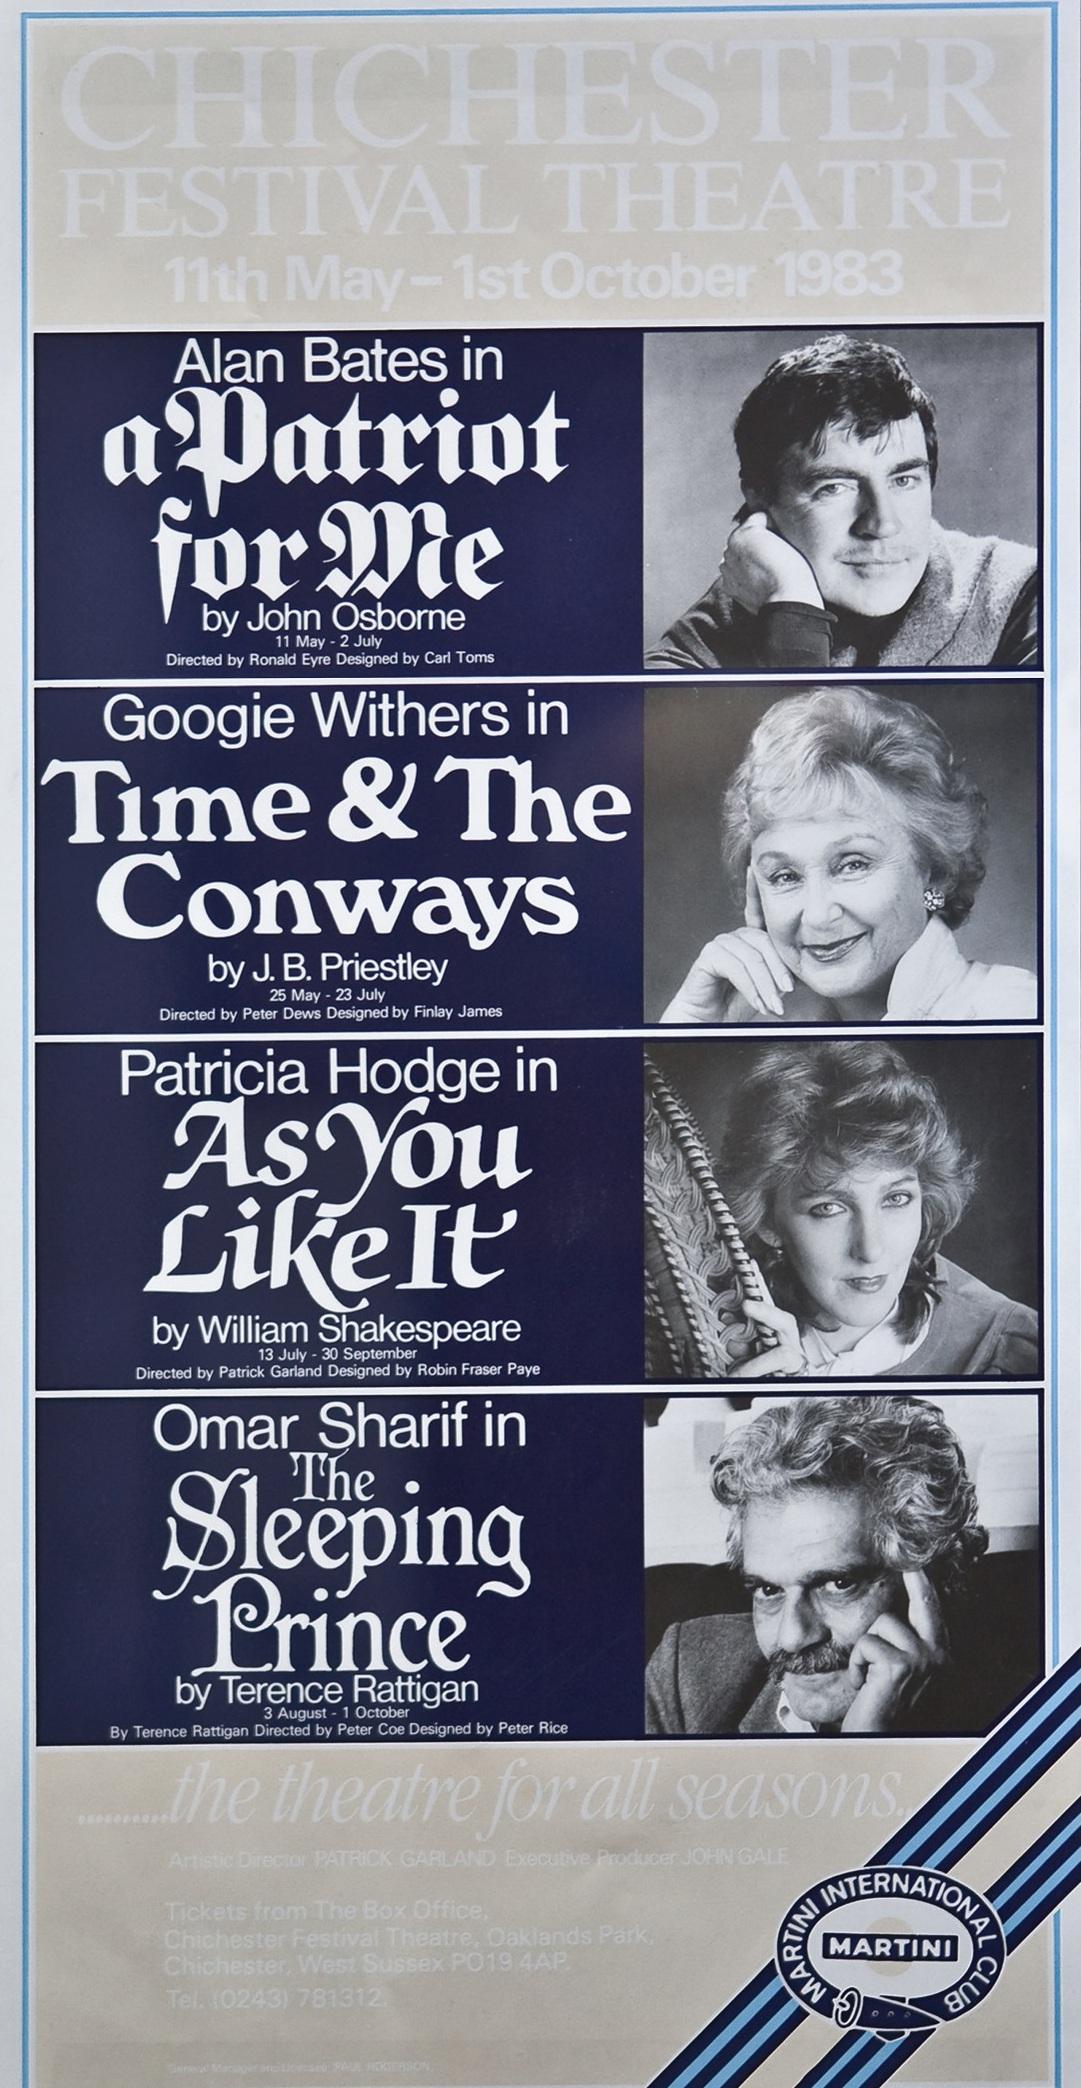 CFT 1983 Season Poster 1